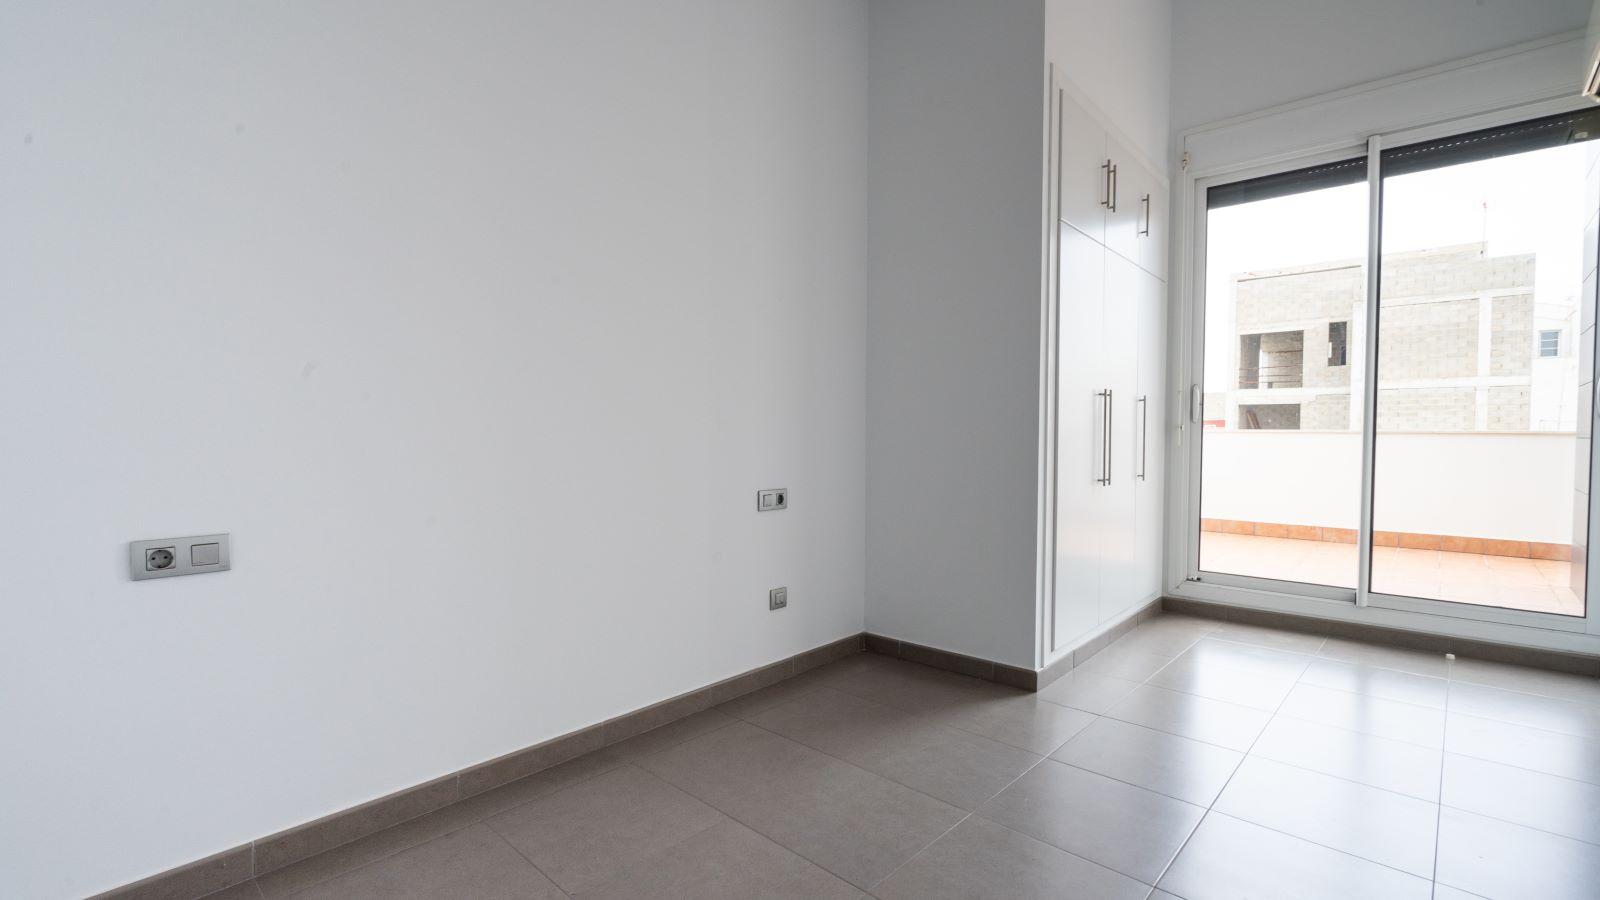 Flat in Es Castell Ref: V2138 (16) 4